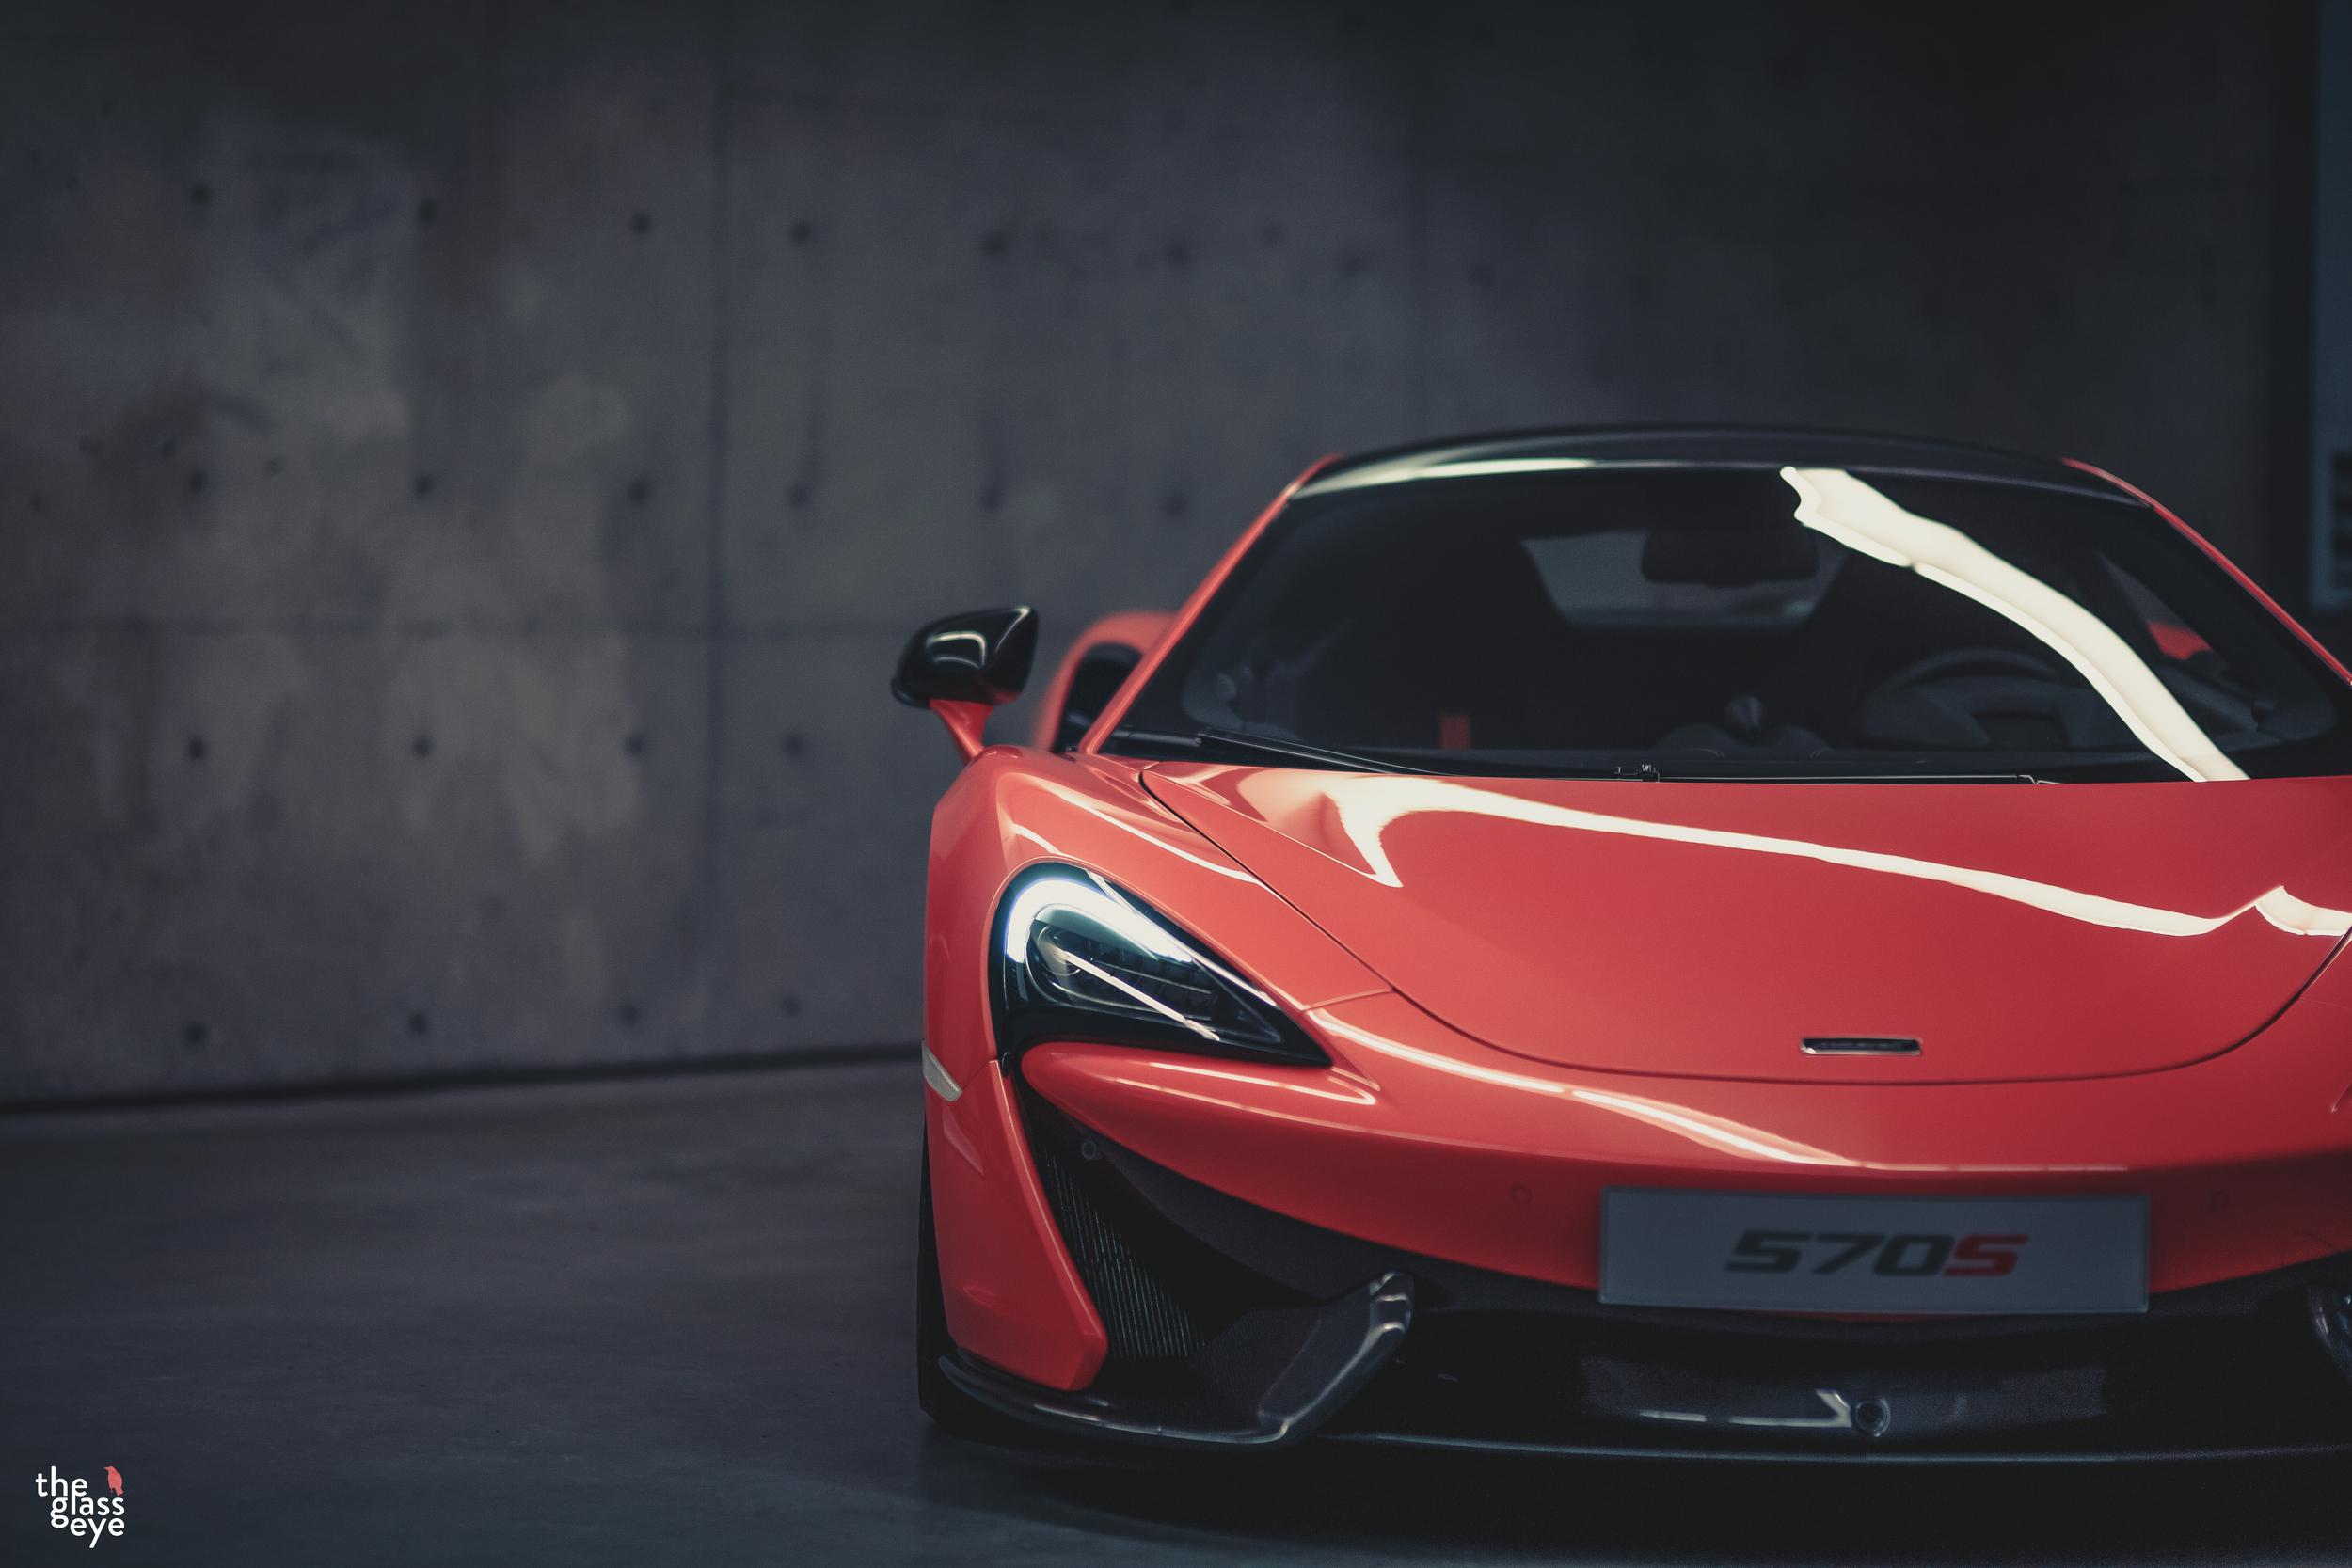 McLaren_570S_Vancouver_003.jpg